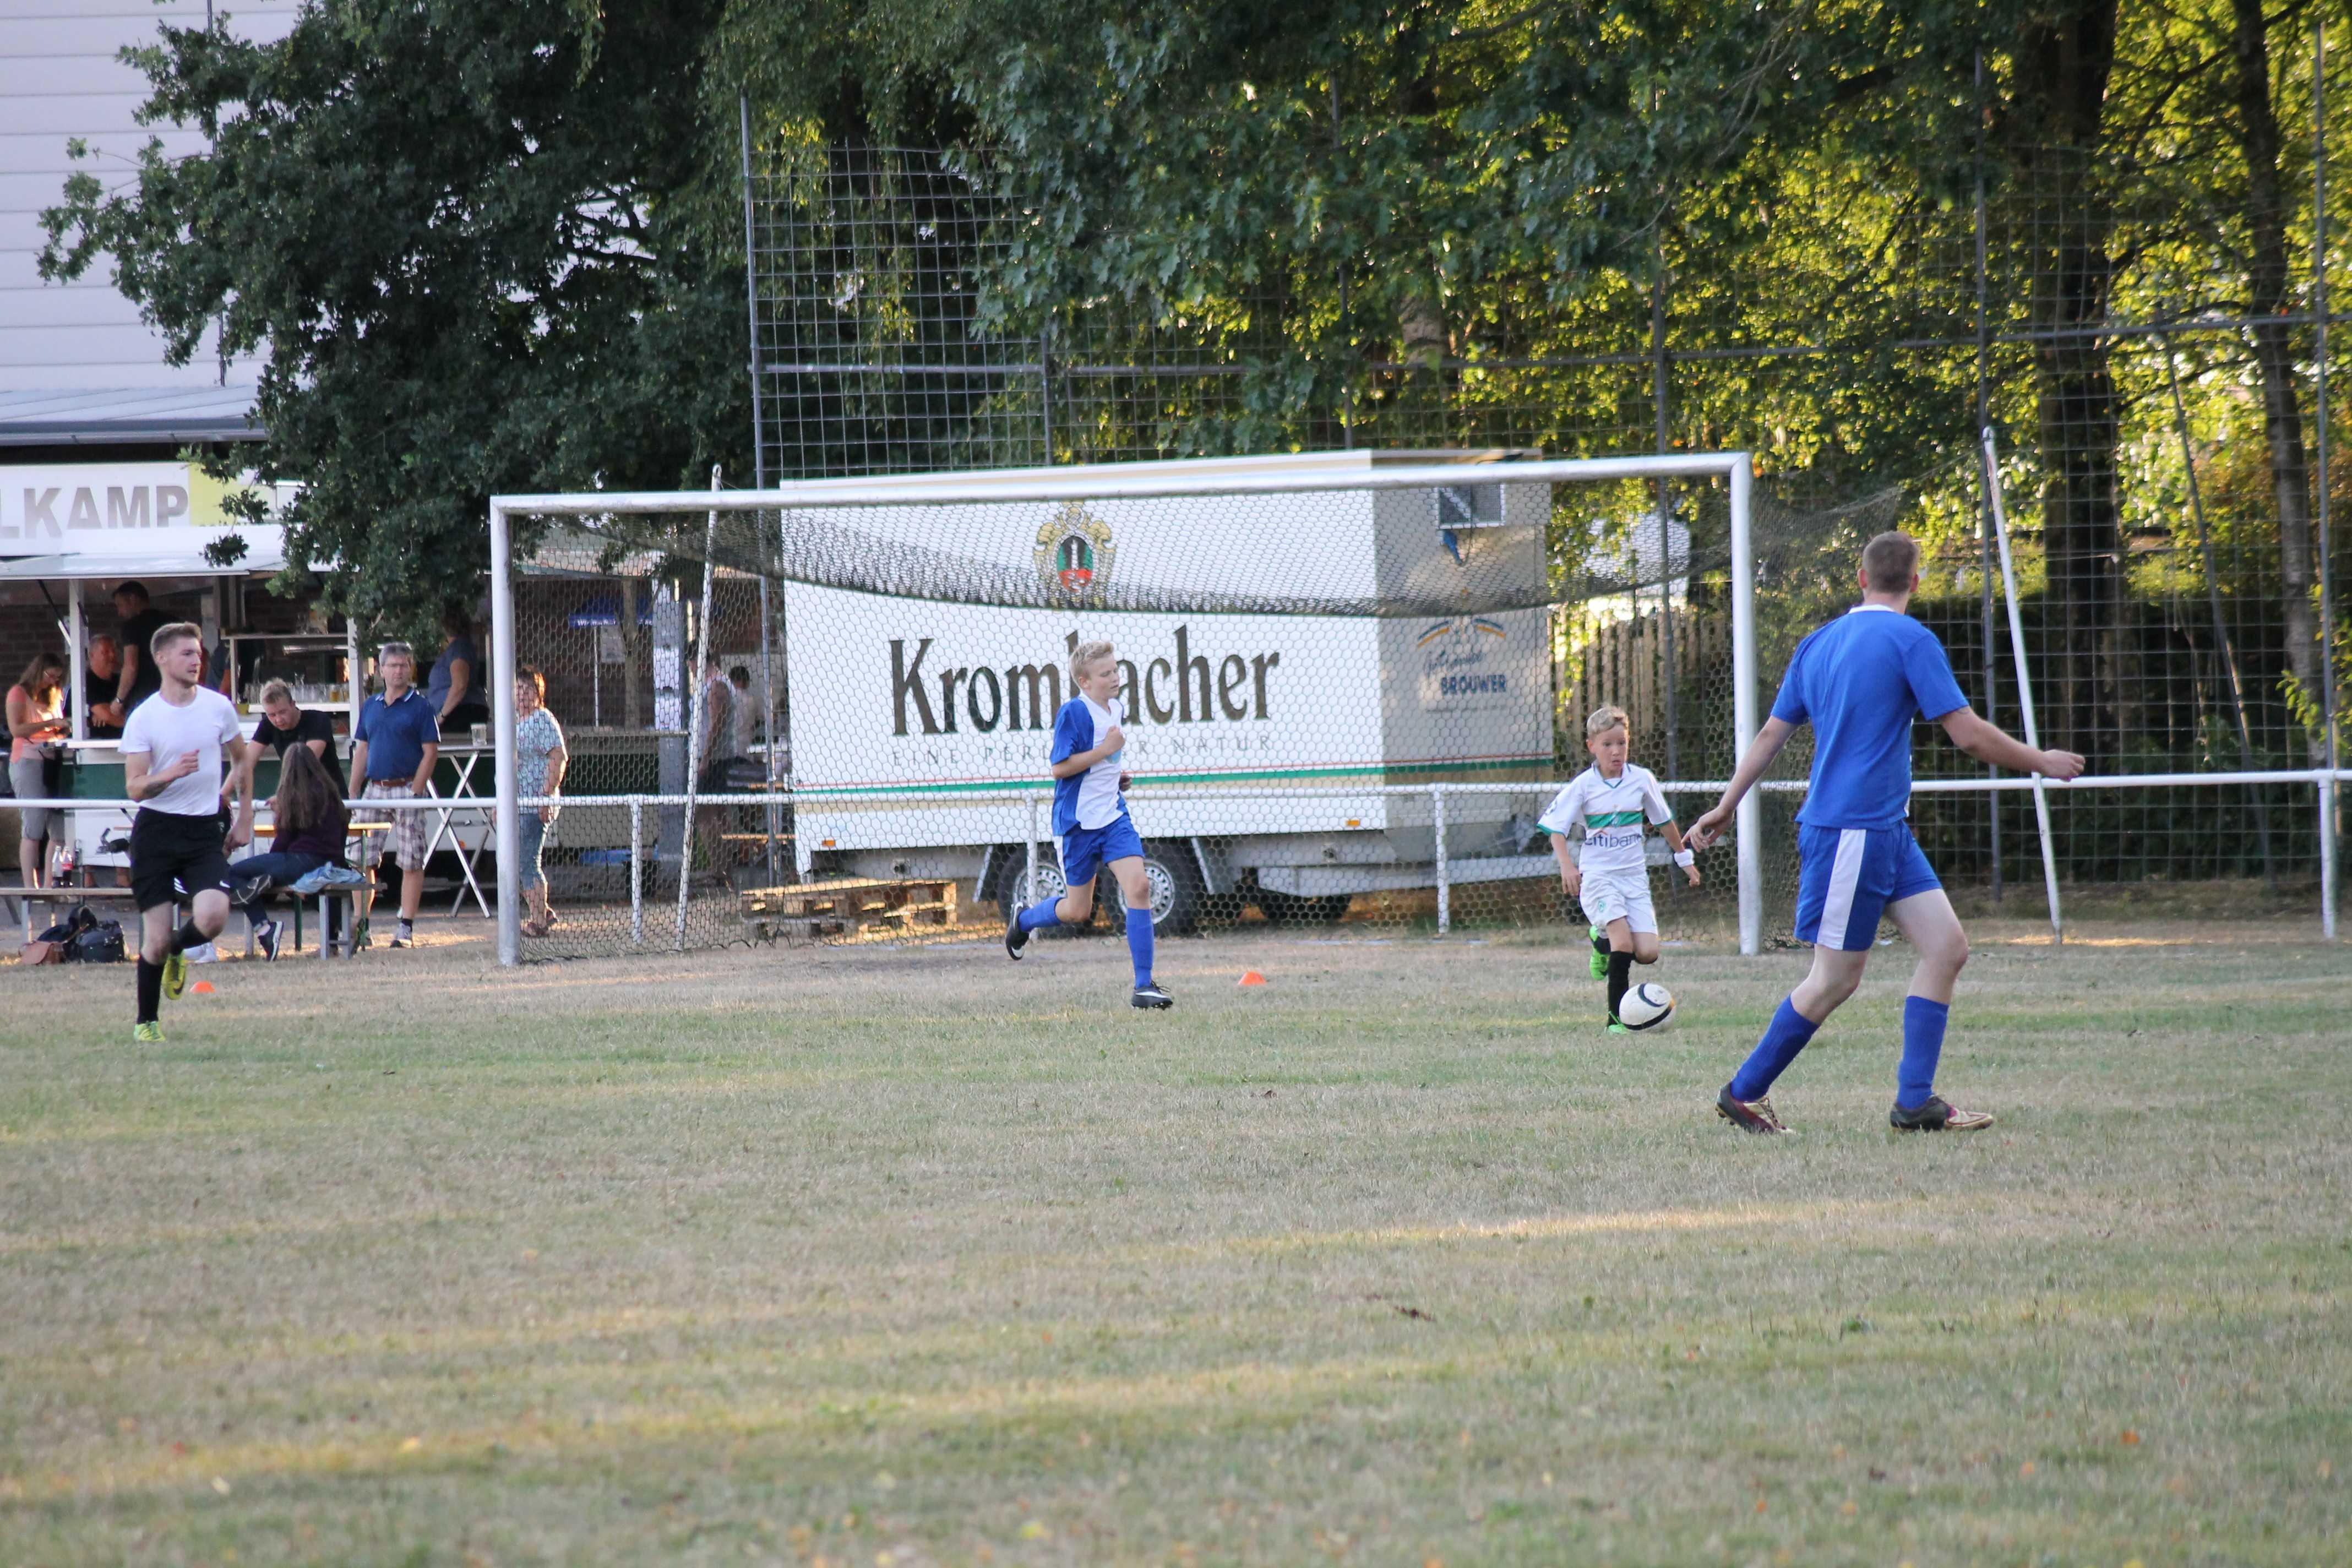 2018-08-04 Sportwoche - Straßenturnier (26)